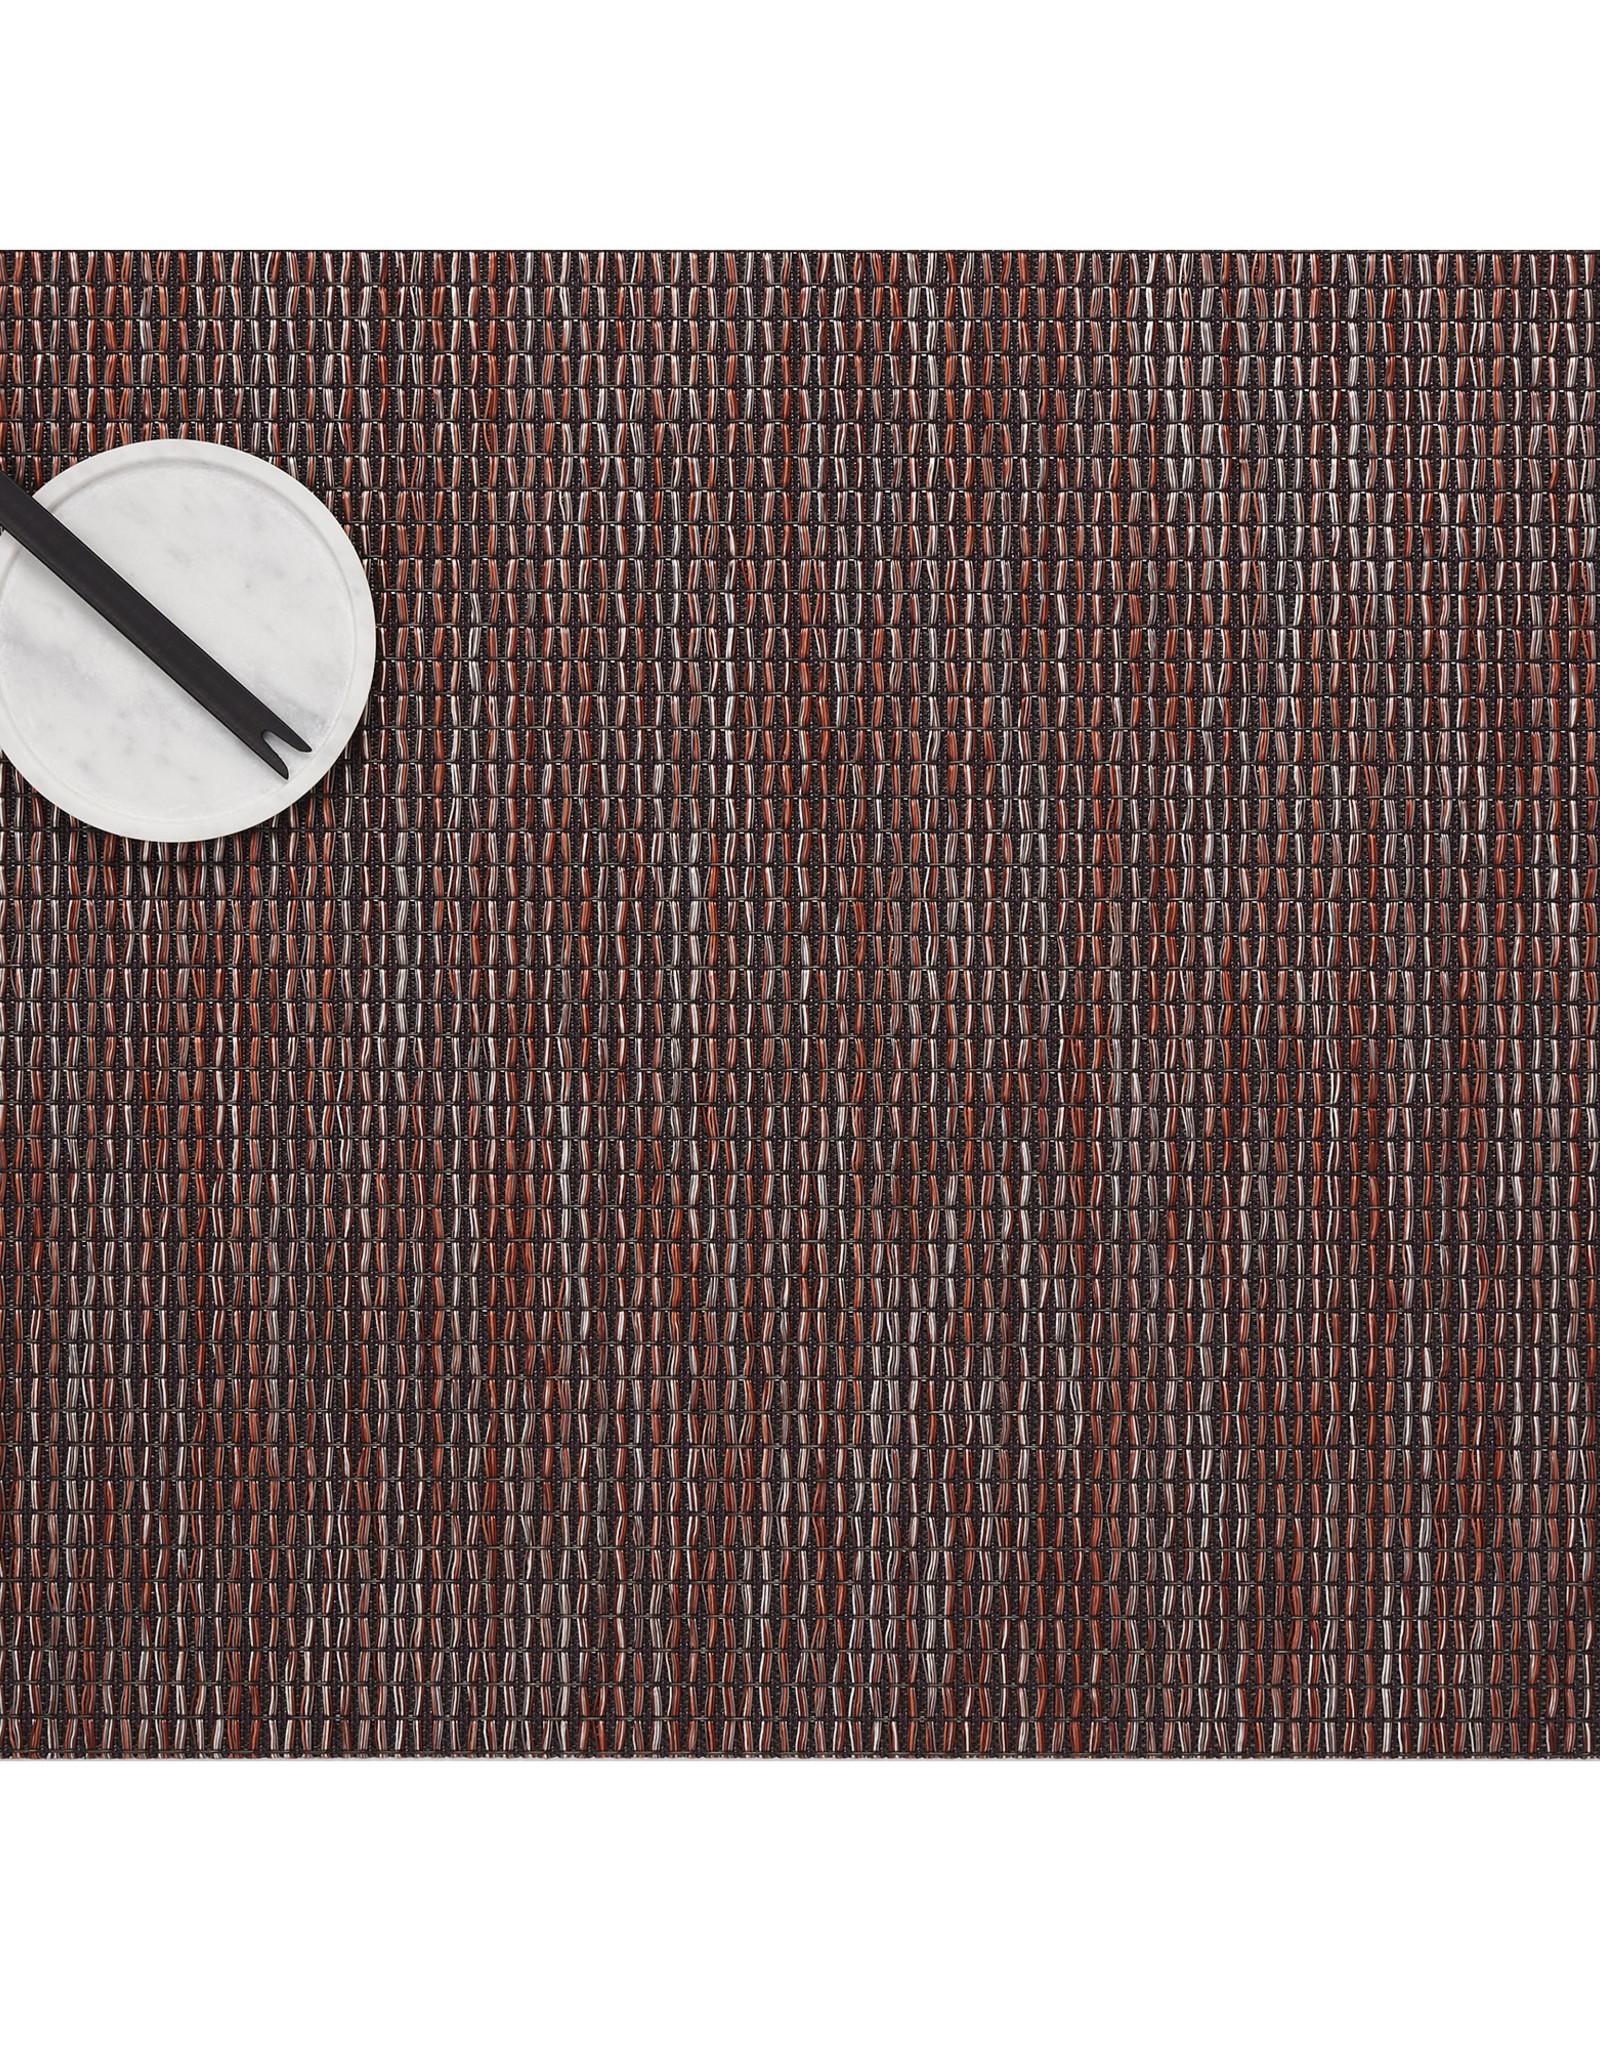 Chilewich Wabi Sabi Tablemat 14x19, SIENNA